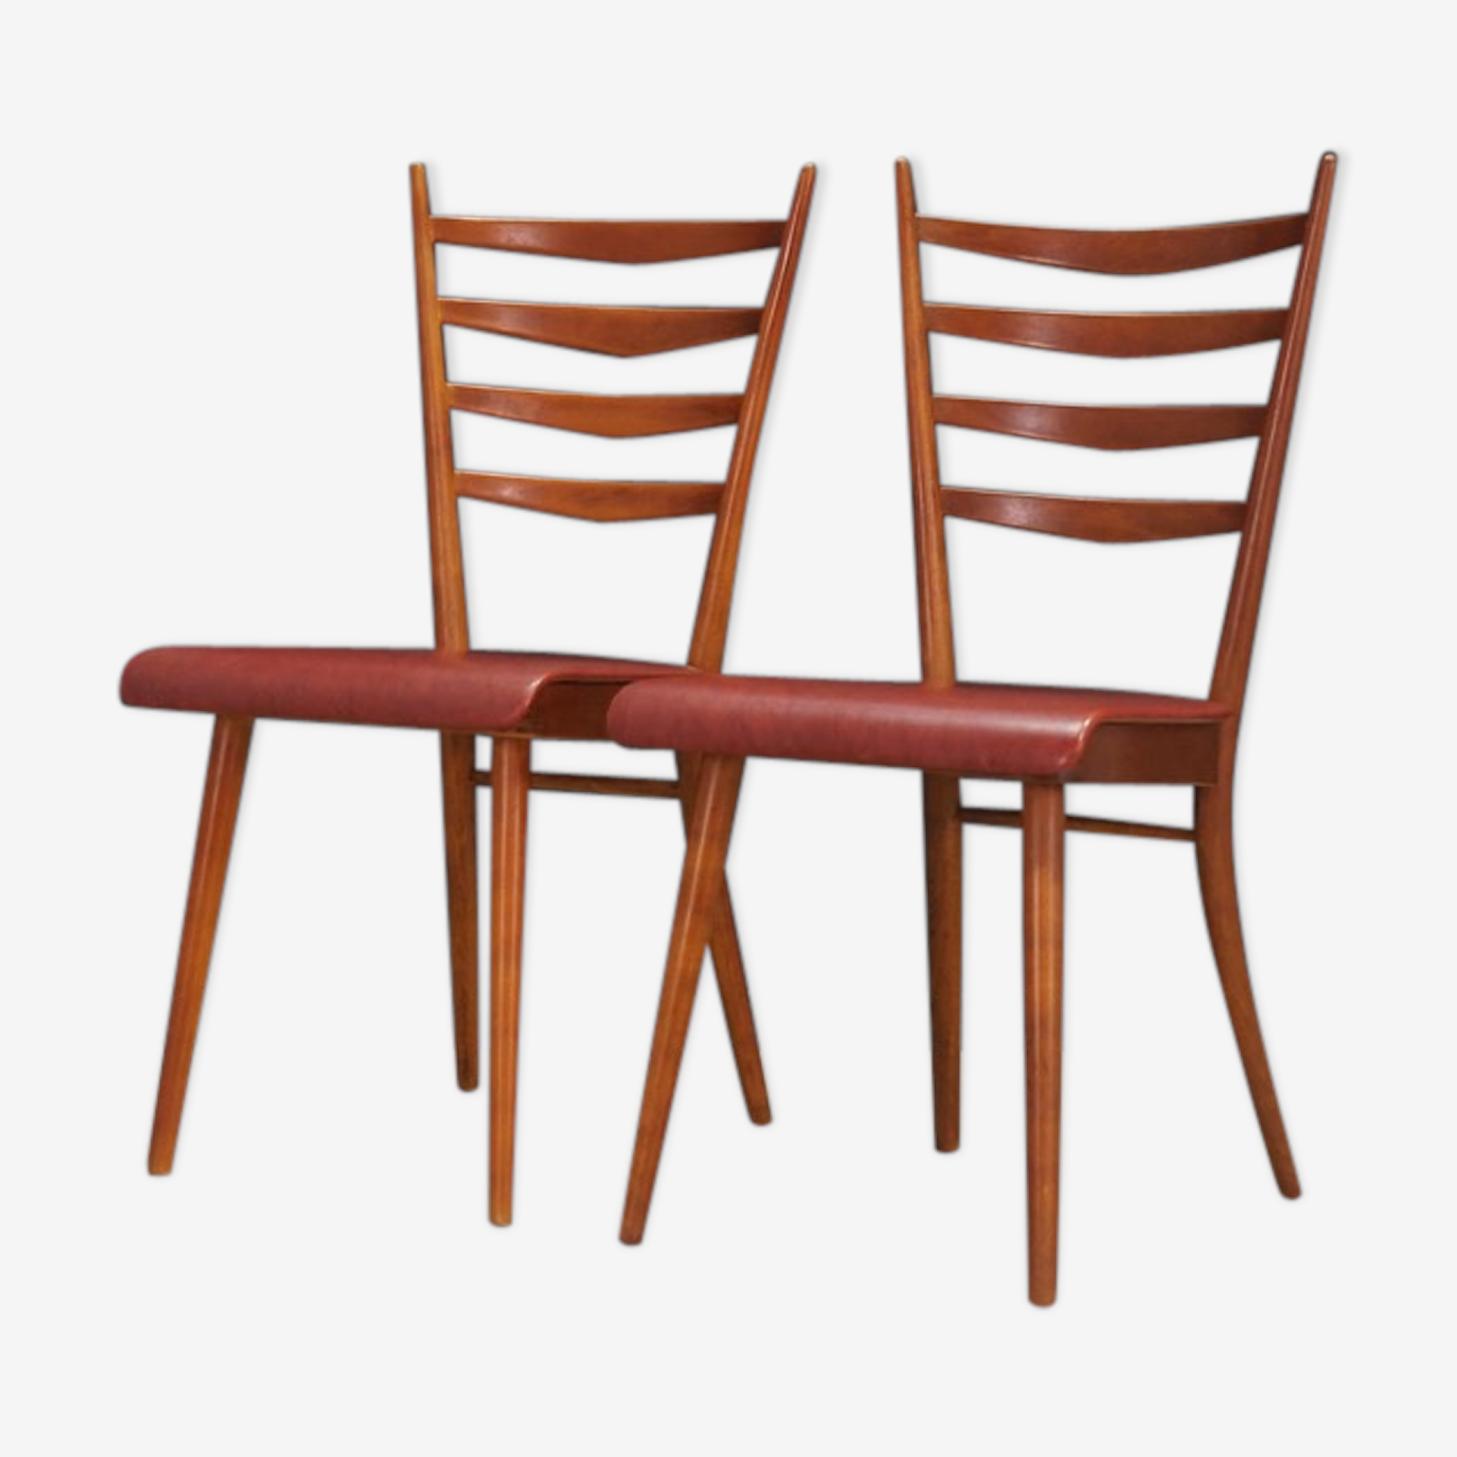 Danish chairs 60/70